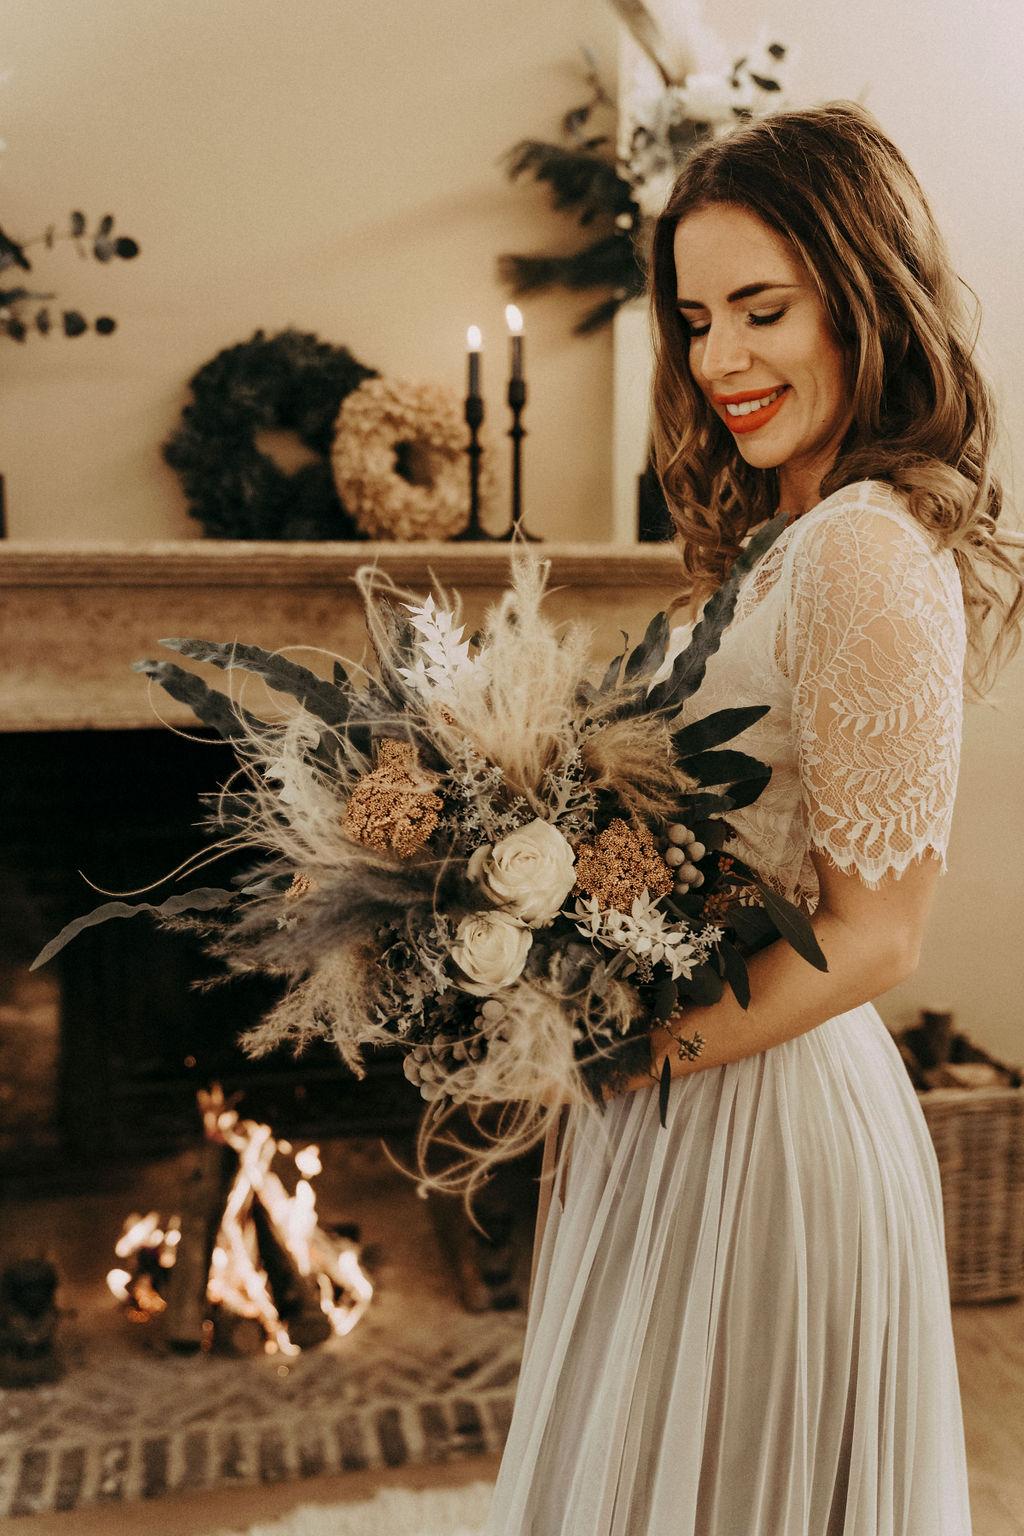 noni Brautmode, Styled Shoot. Model mit brünetten offenen, halb-langen Haaren, Blumenstrauss und zweiteiligem Brautkleid im Boho Stil vor Kamin